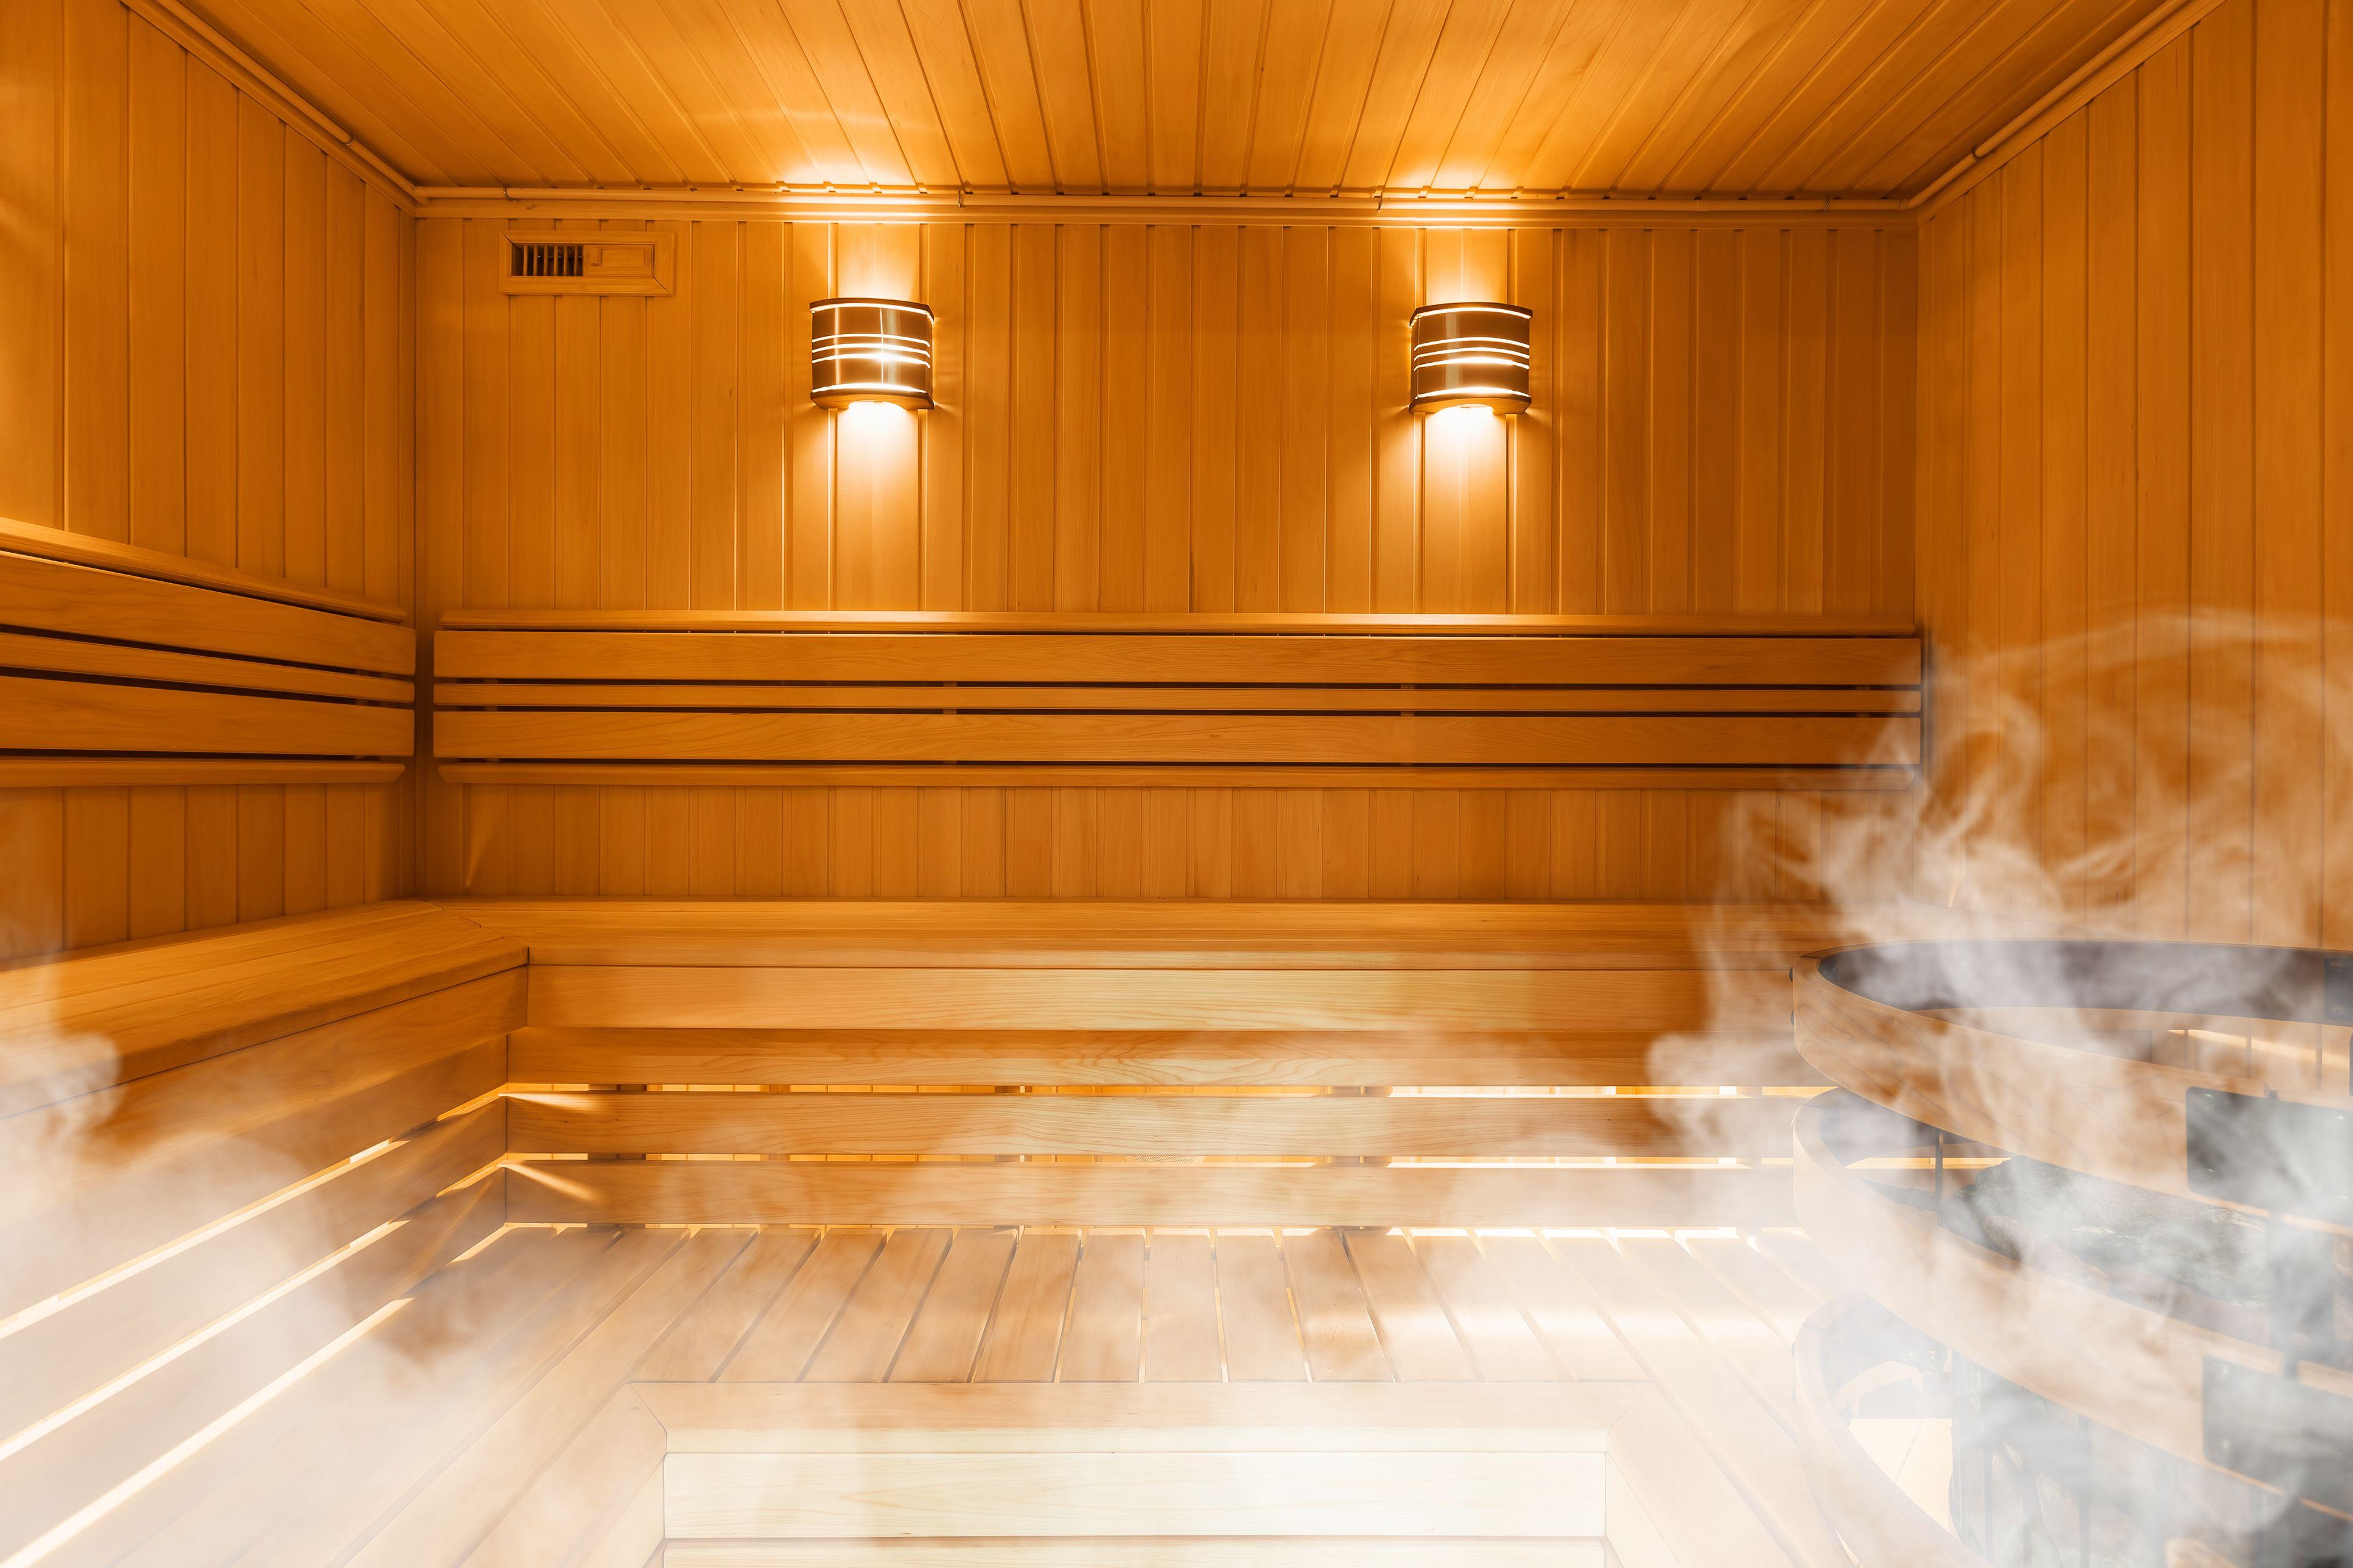 Steam room cabin helo like sauna spa gym health club beauty